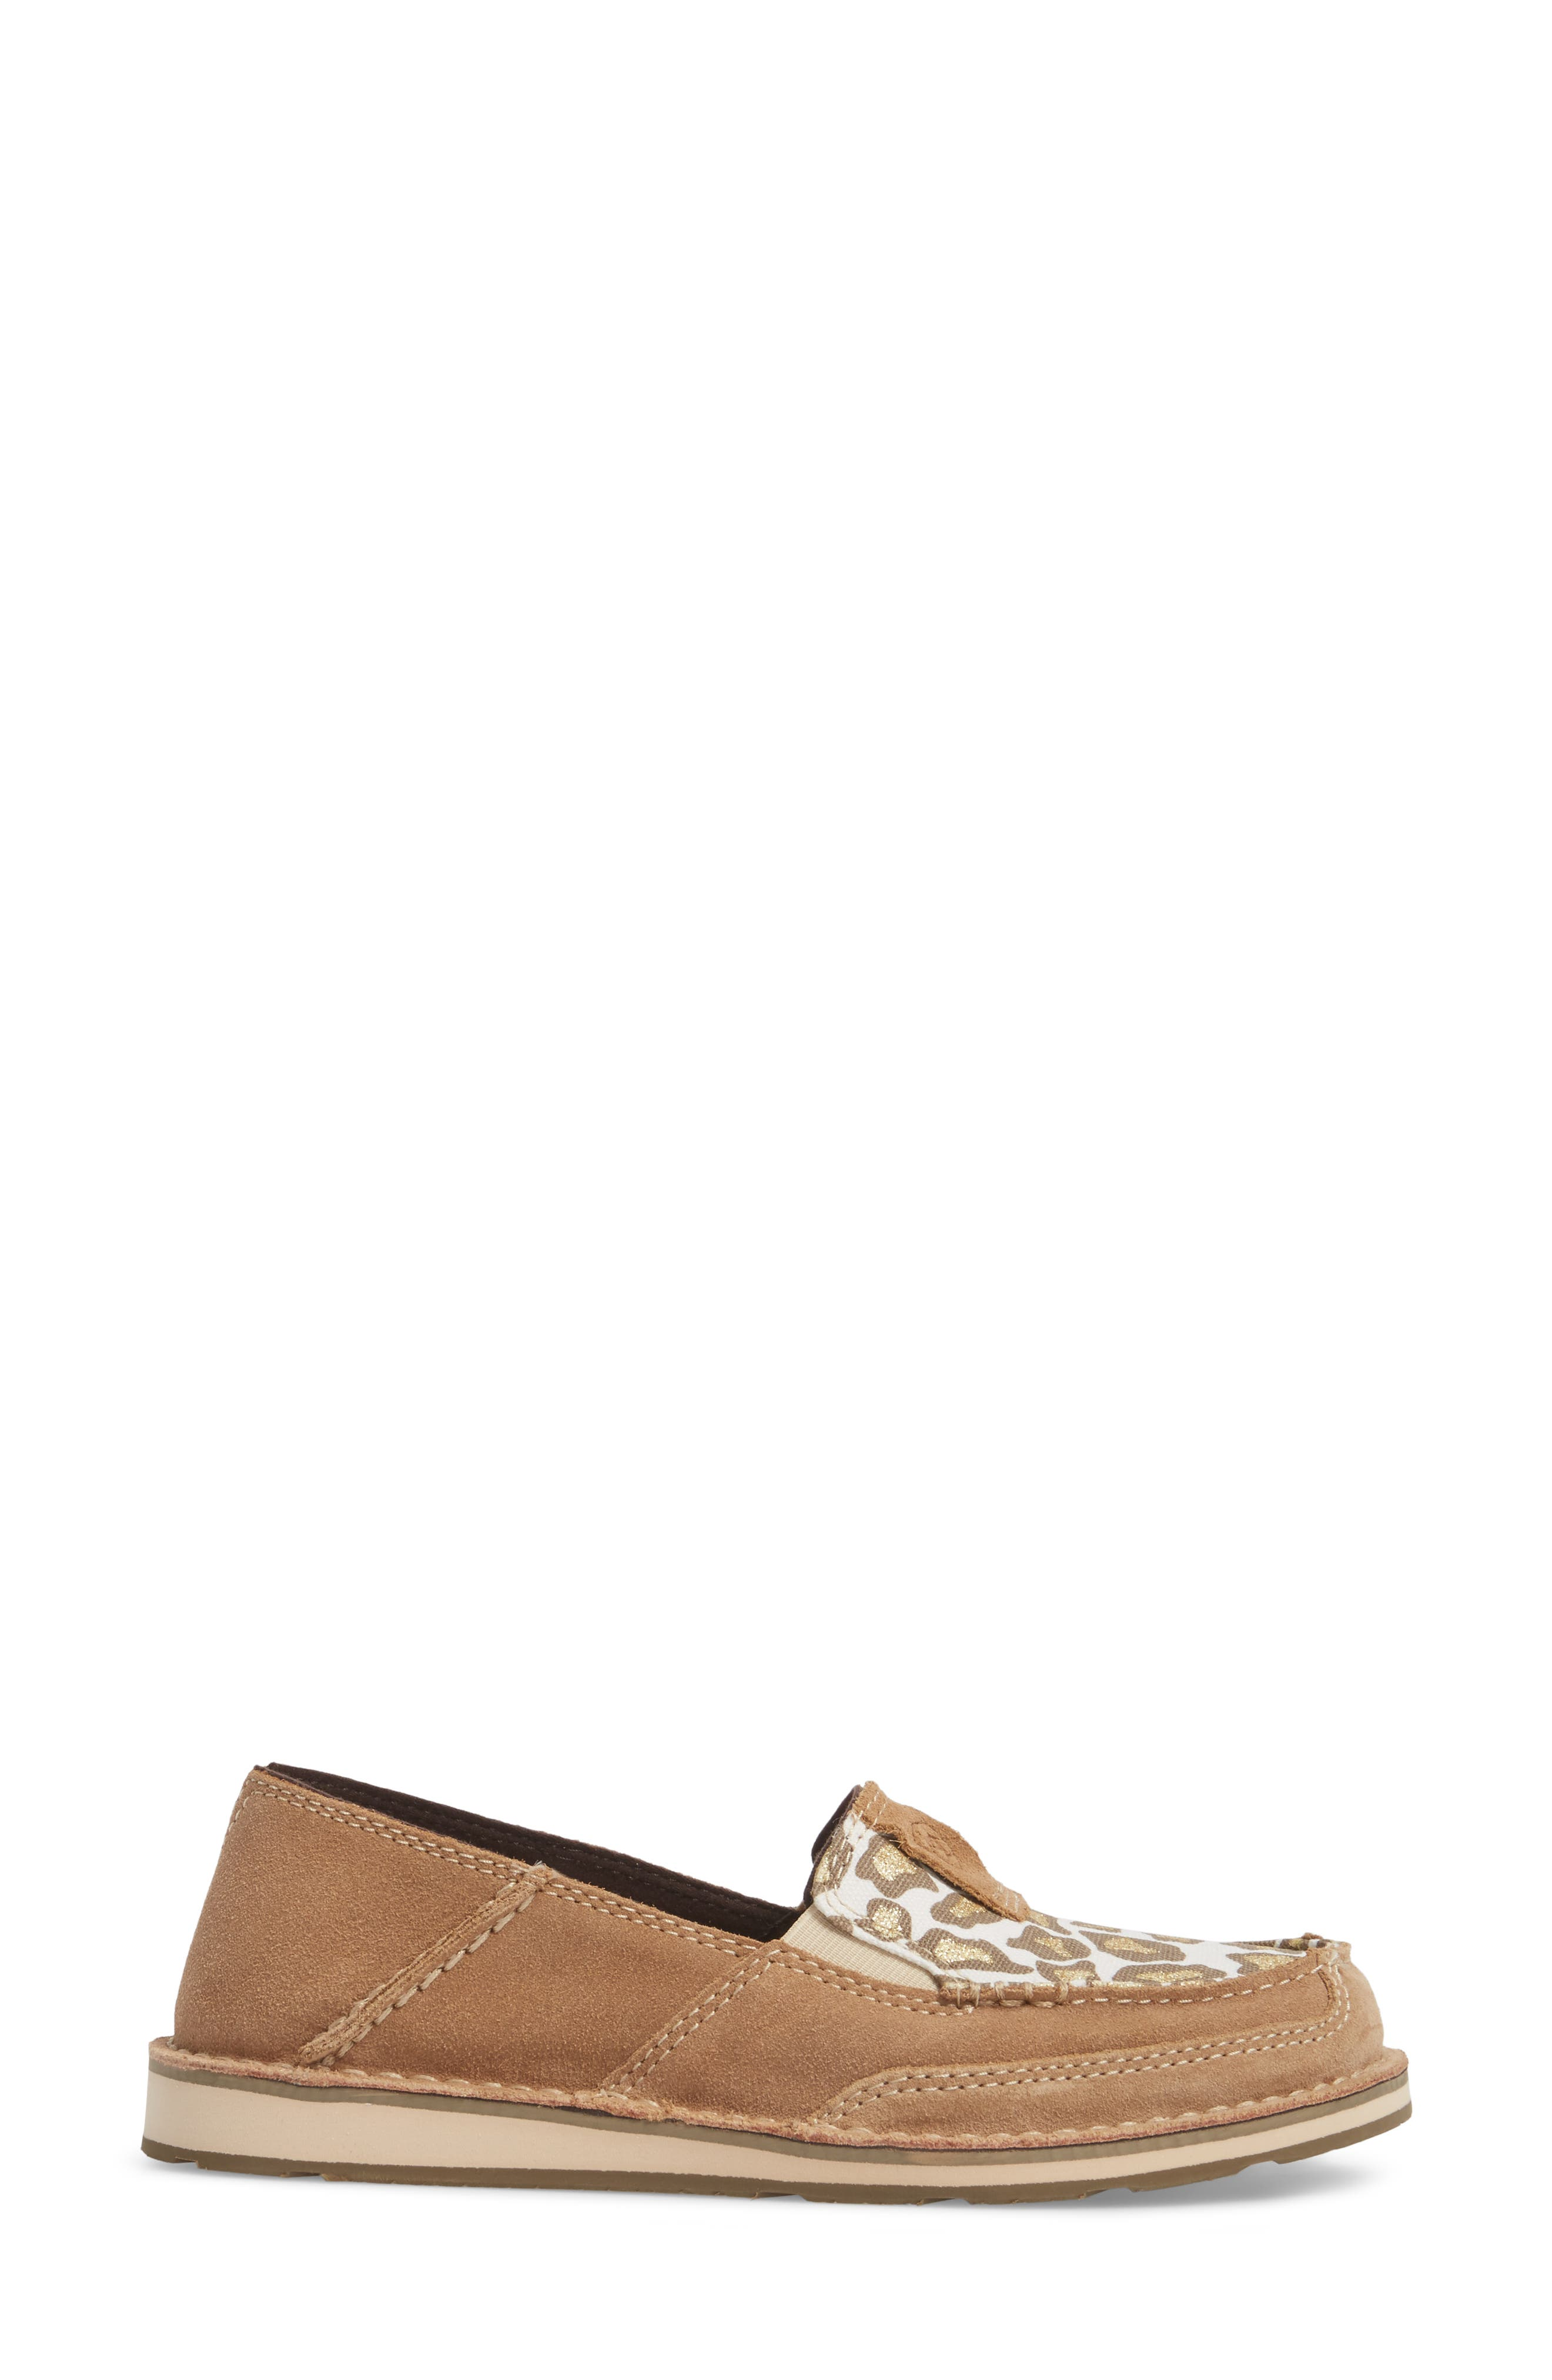 Alternate Image 3  - Ariat Cruiser Slip-On Loafer (Women)